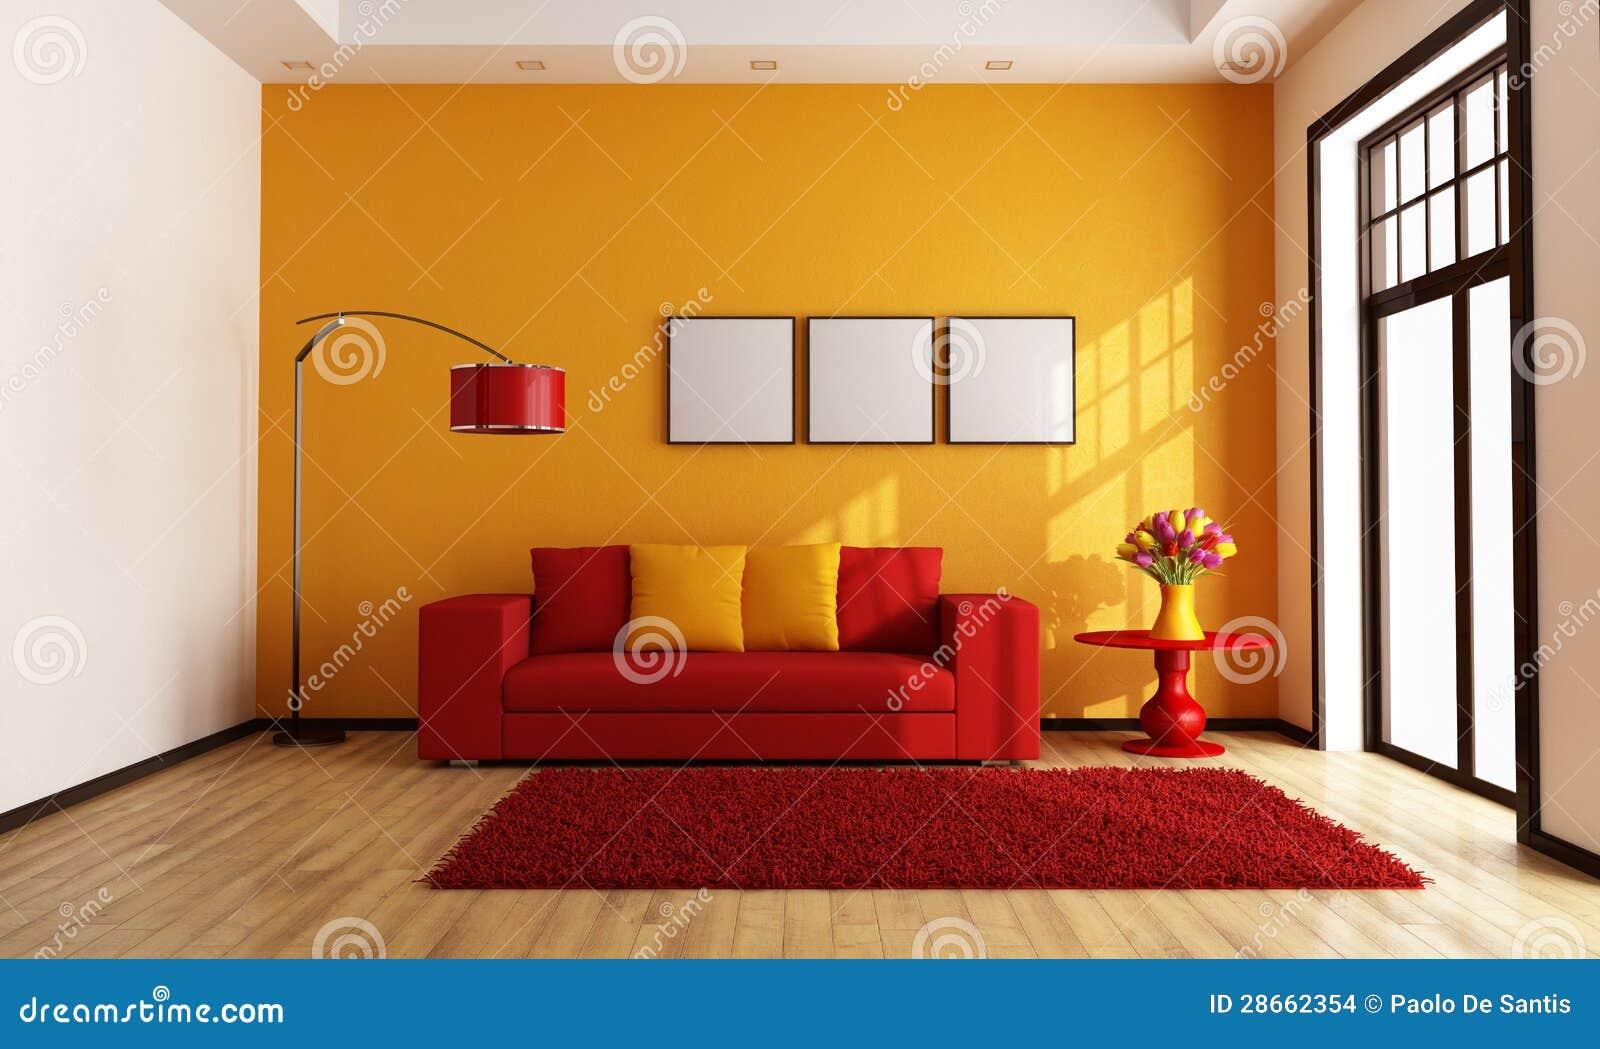 red and orange living room stock images image 28662354. Black Bedroom Furniture Sets. Home Design Ideas